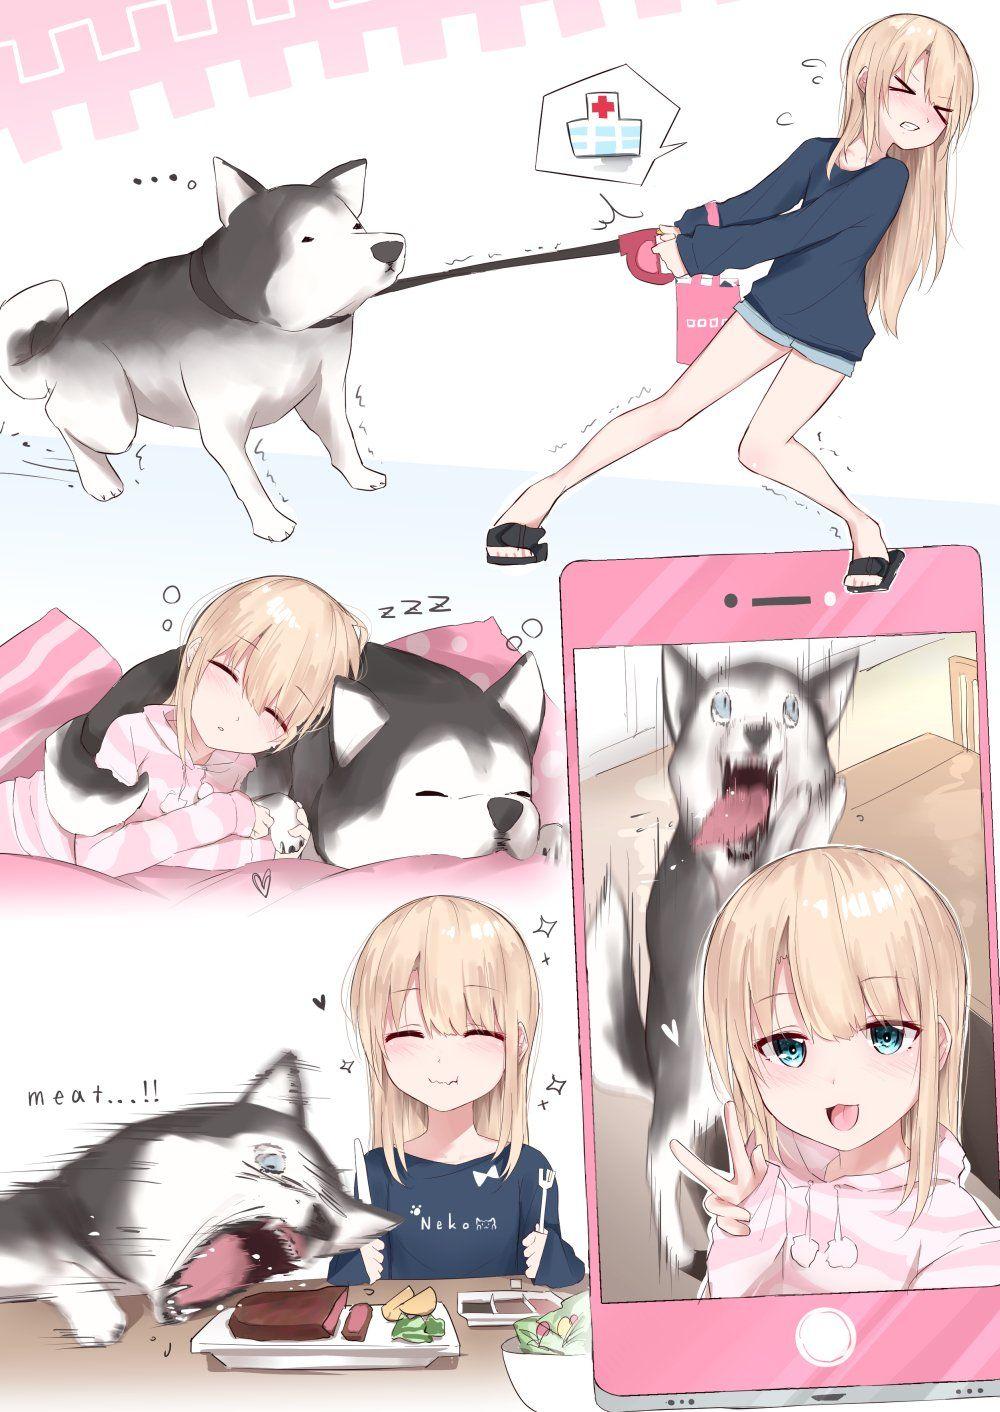 Girl And Her Dog Original Anime Memes Funny Anime Funny Anime